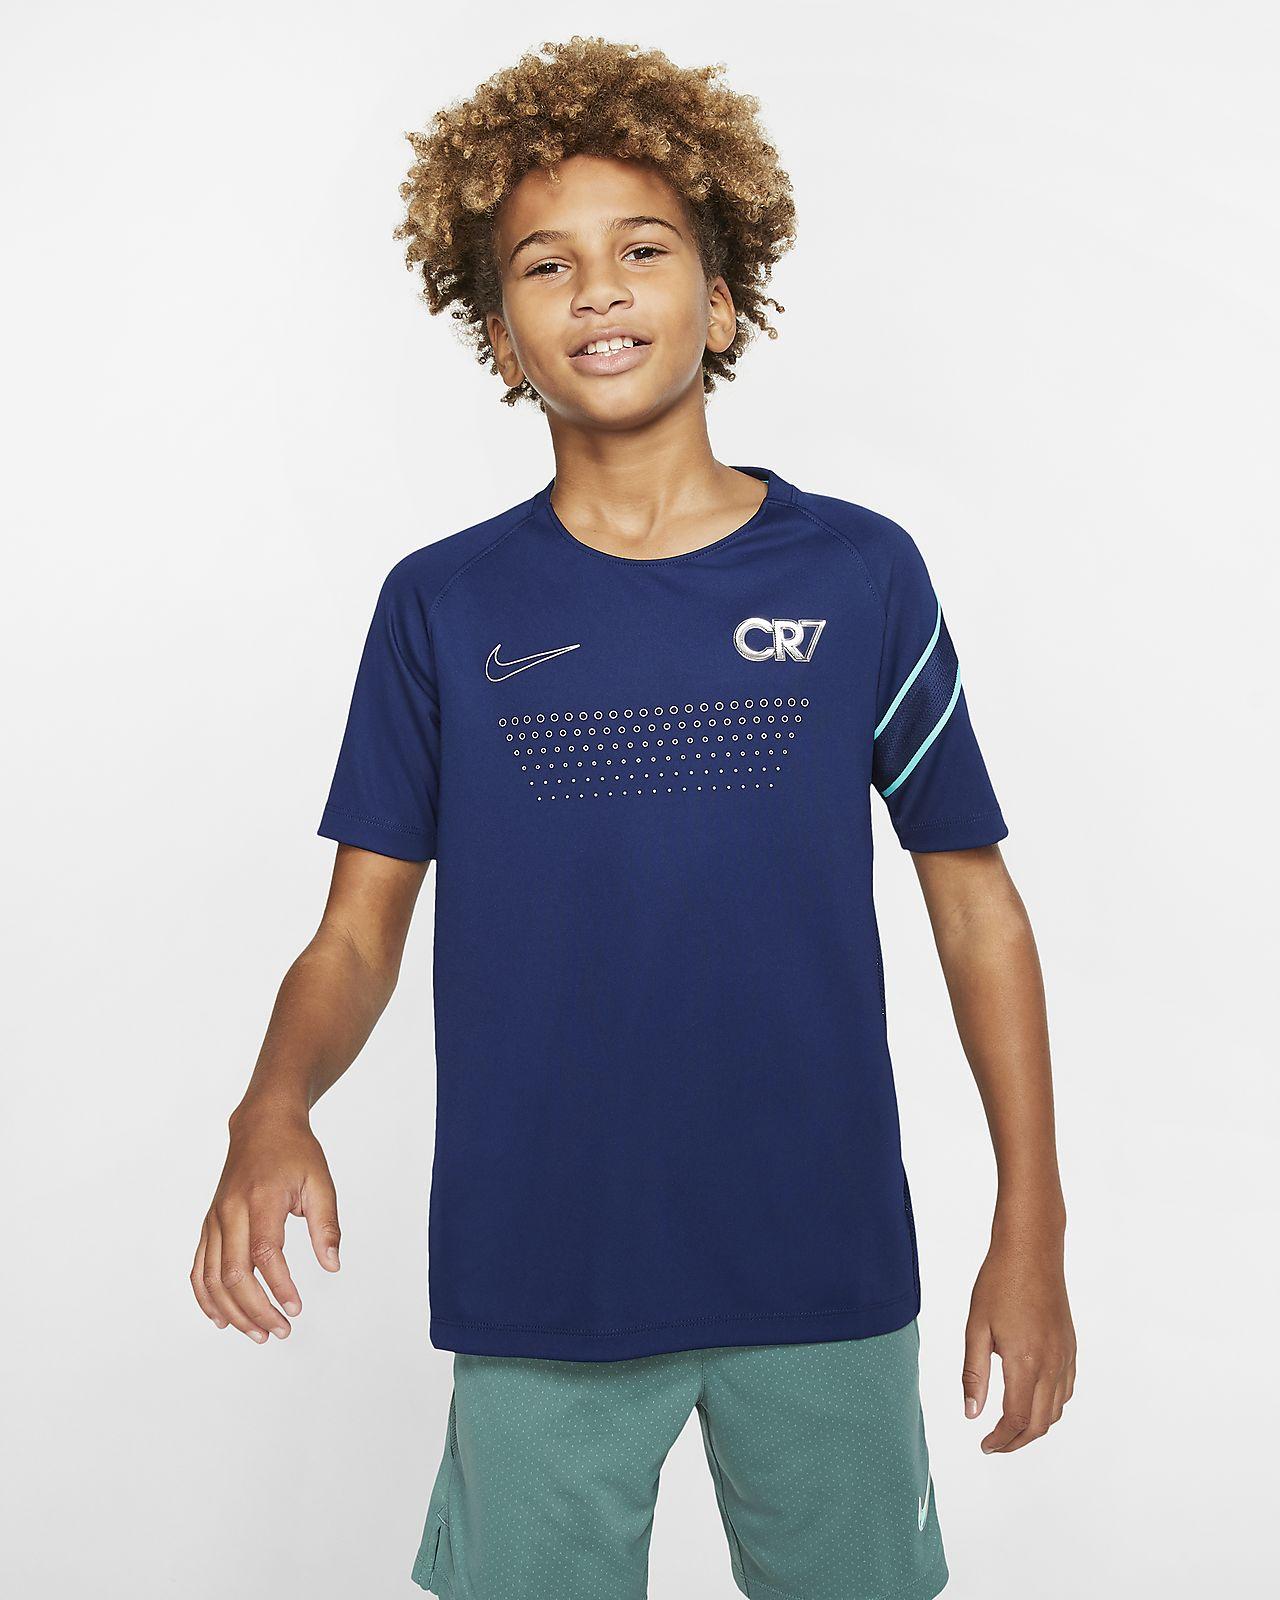 Nike Dri-FIT CR7 Voetbaltop met korte mouwen voor kids